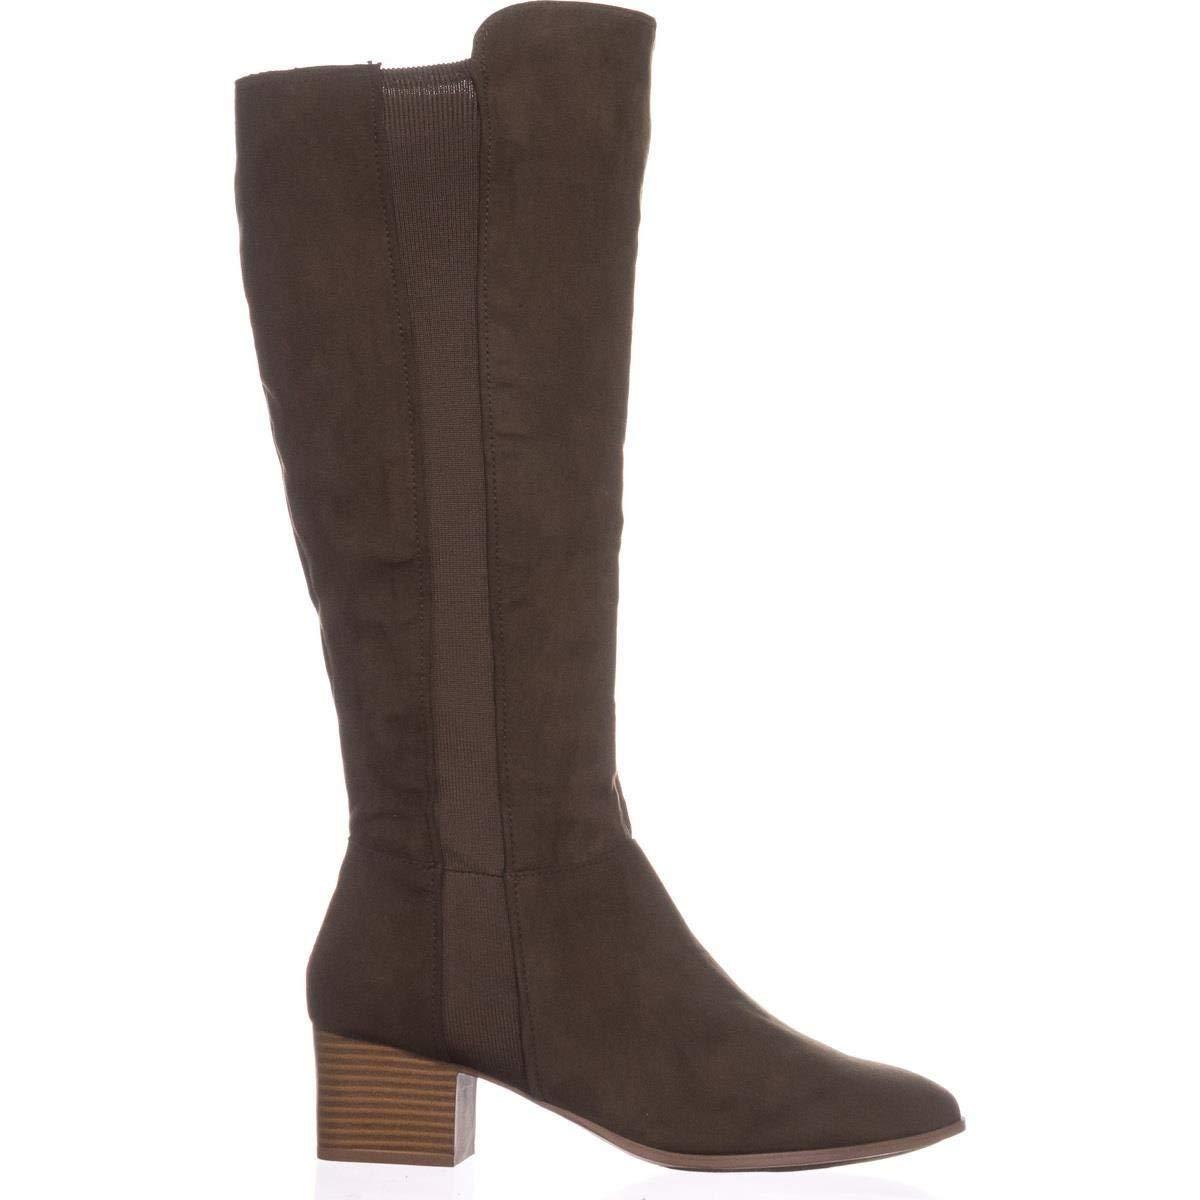 Style & Co. Frauen Finnly Pumps Pumps Pumps Rund Fashion Stiefel 205a90